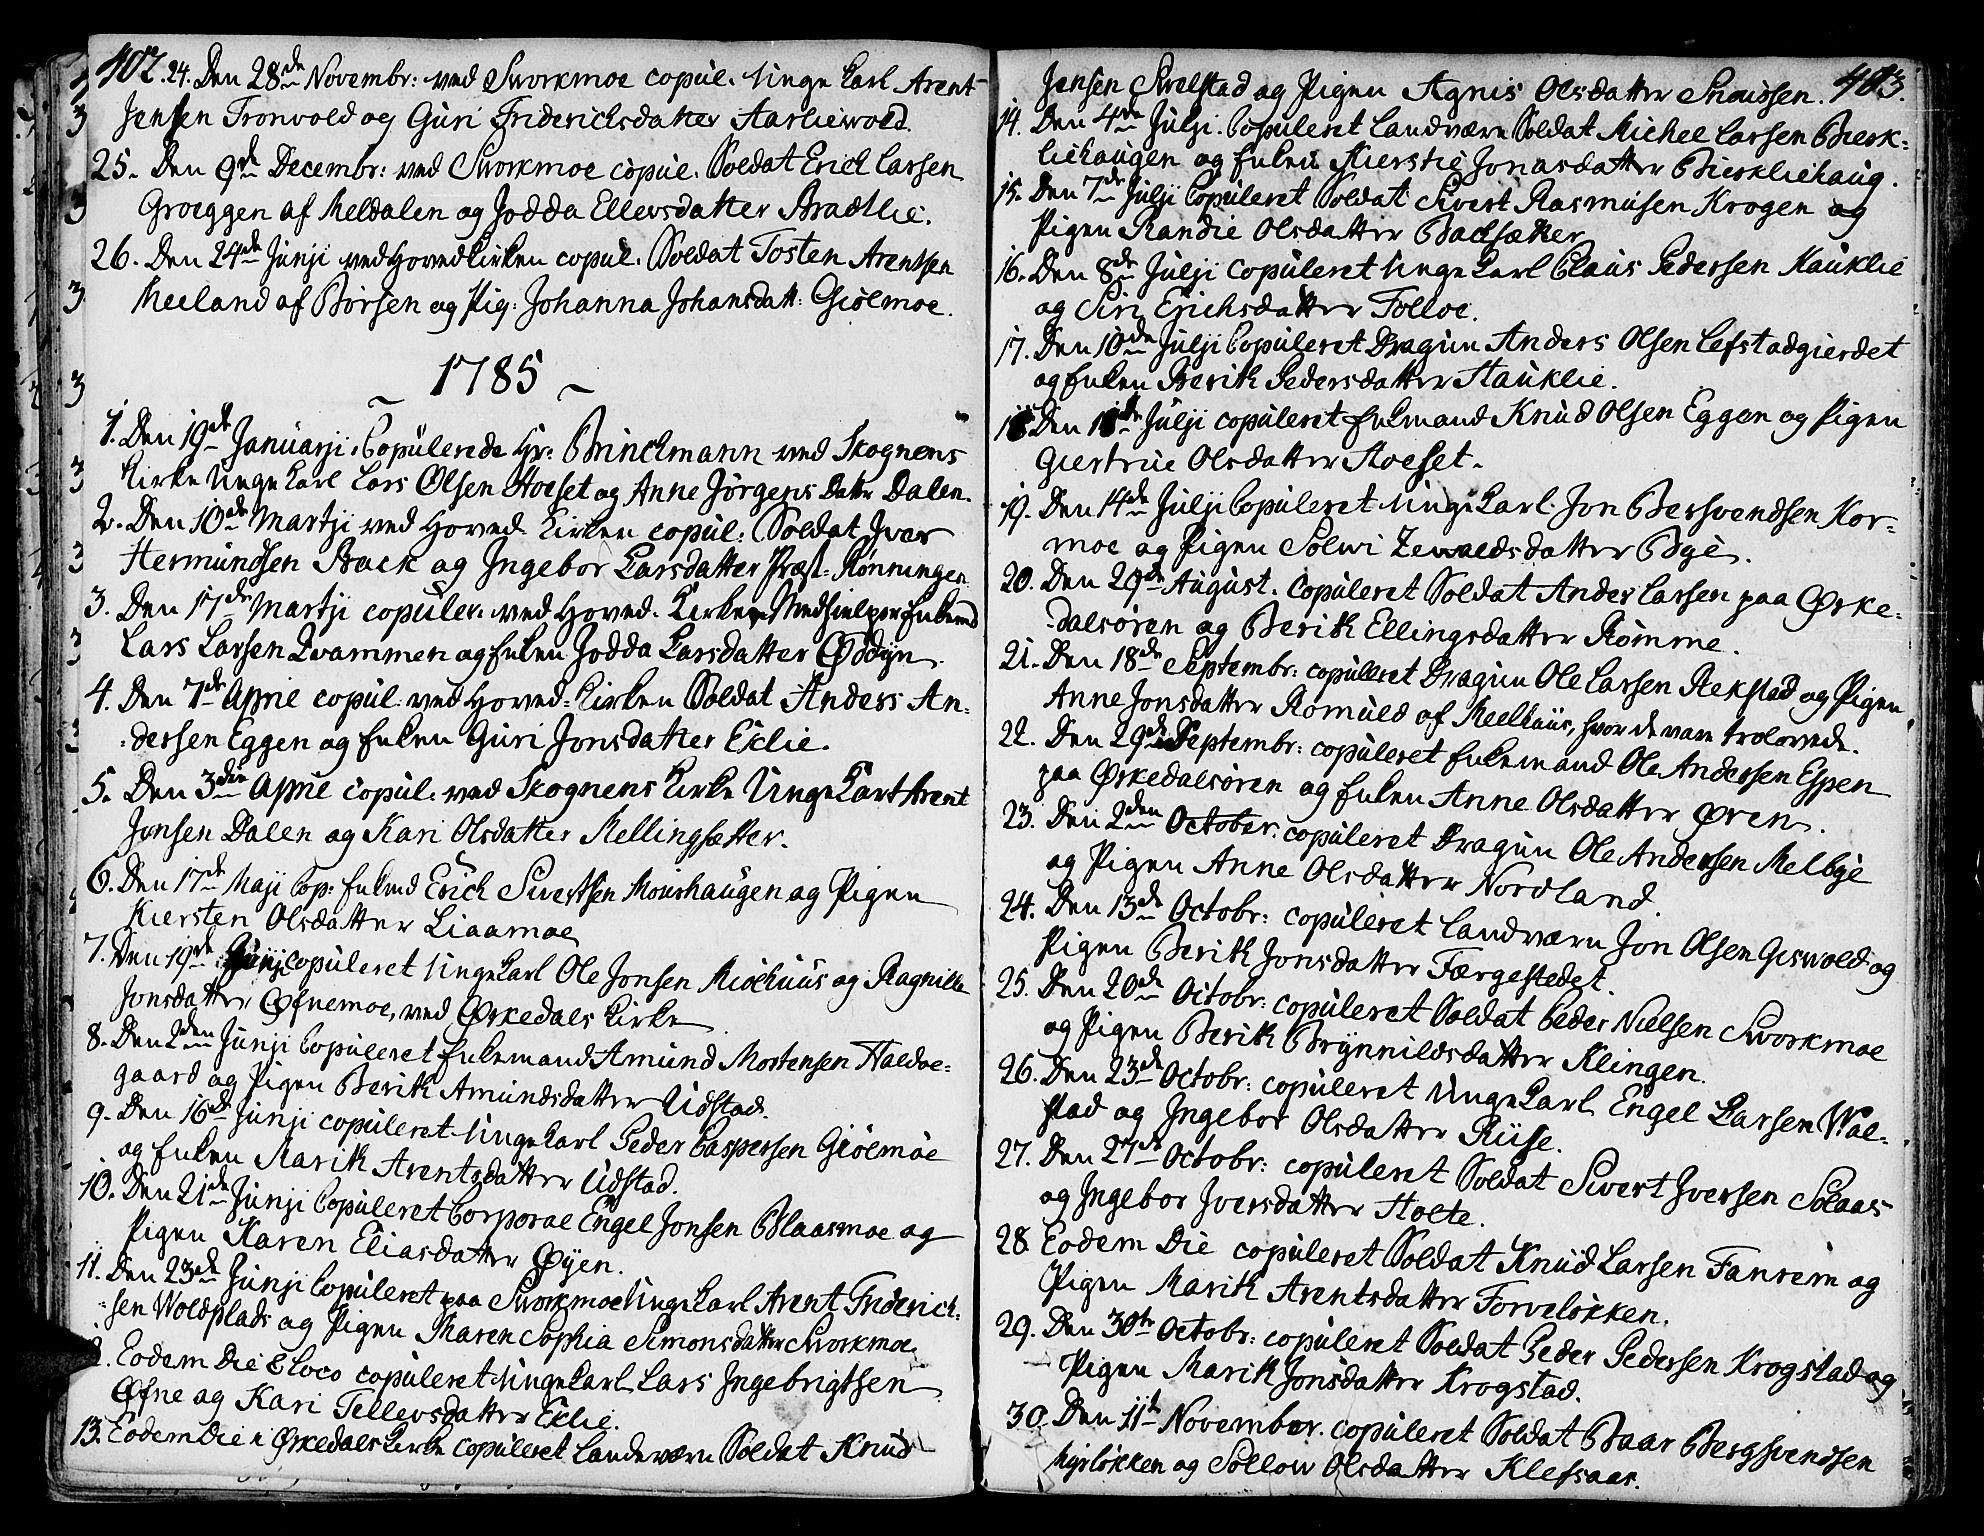 SAT, Ministerialprotokoller, klokkerbøker og fødselsregistre - Sør-Trøndelag, 668/L0802: Ministerialbok nr. 668A02, 1776-1799, s. 402-403